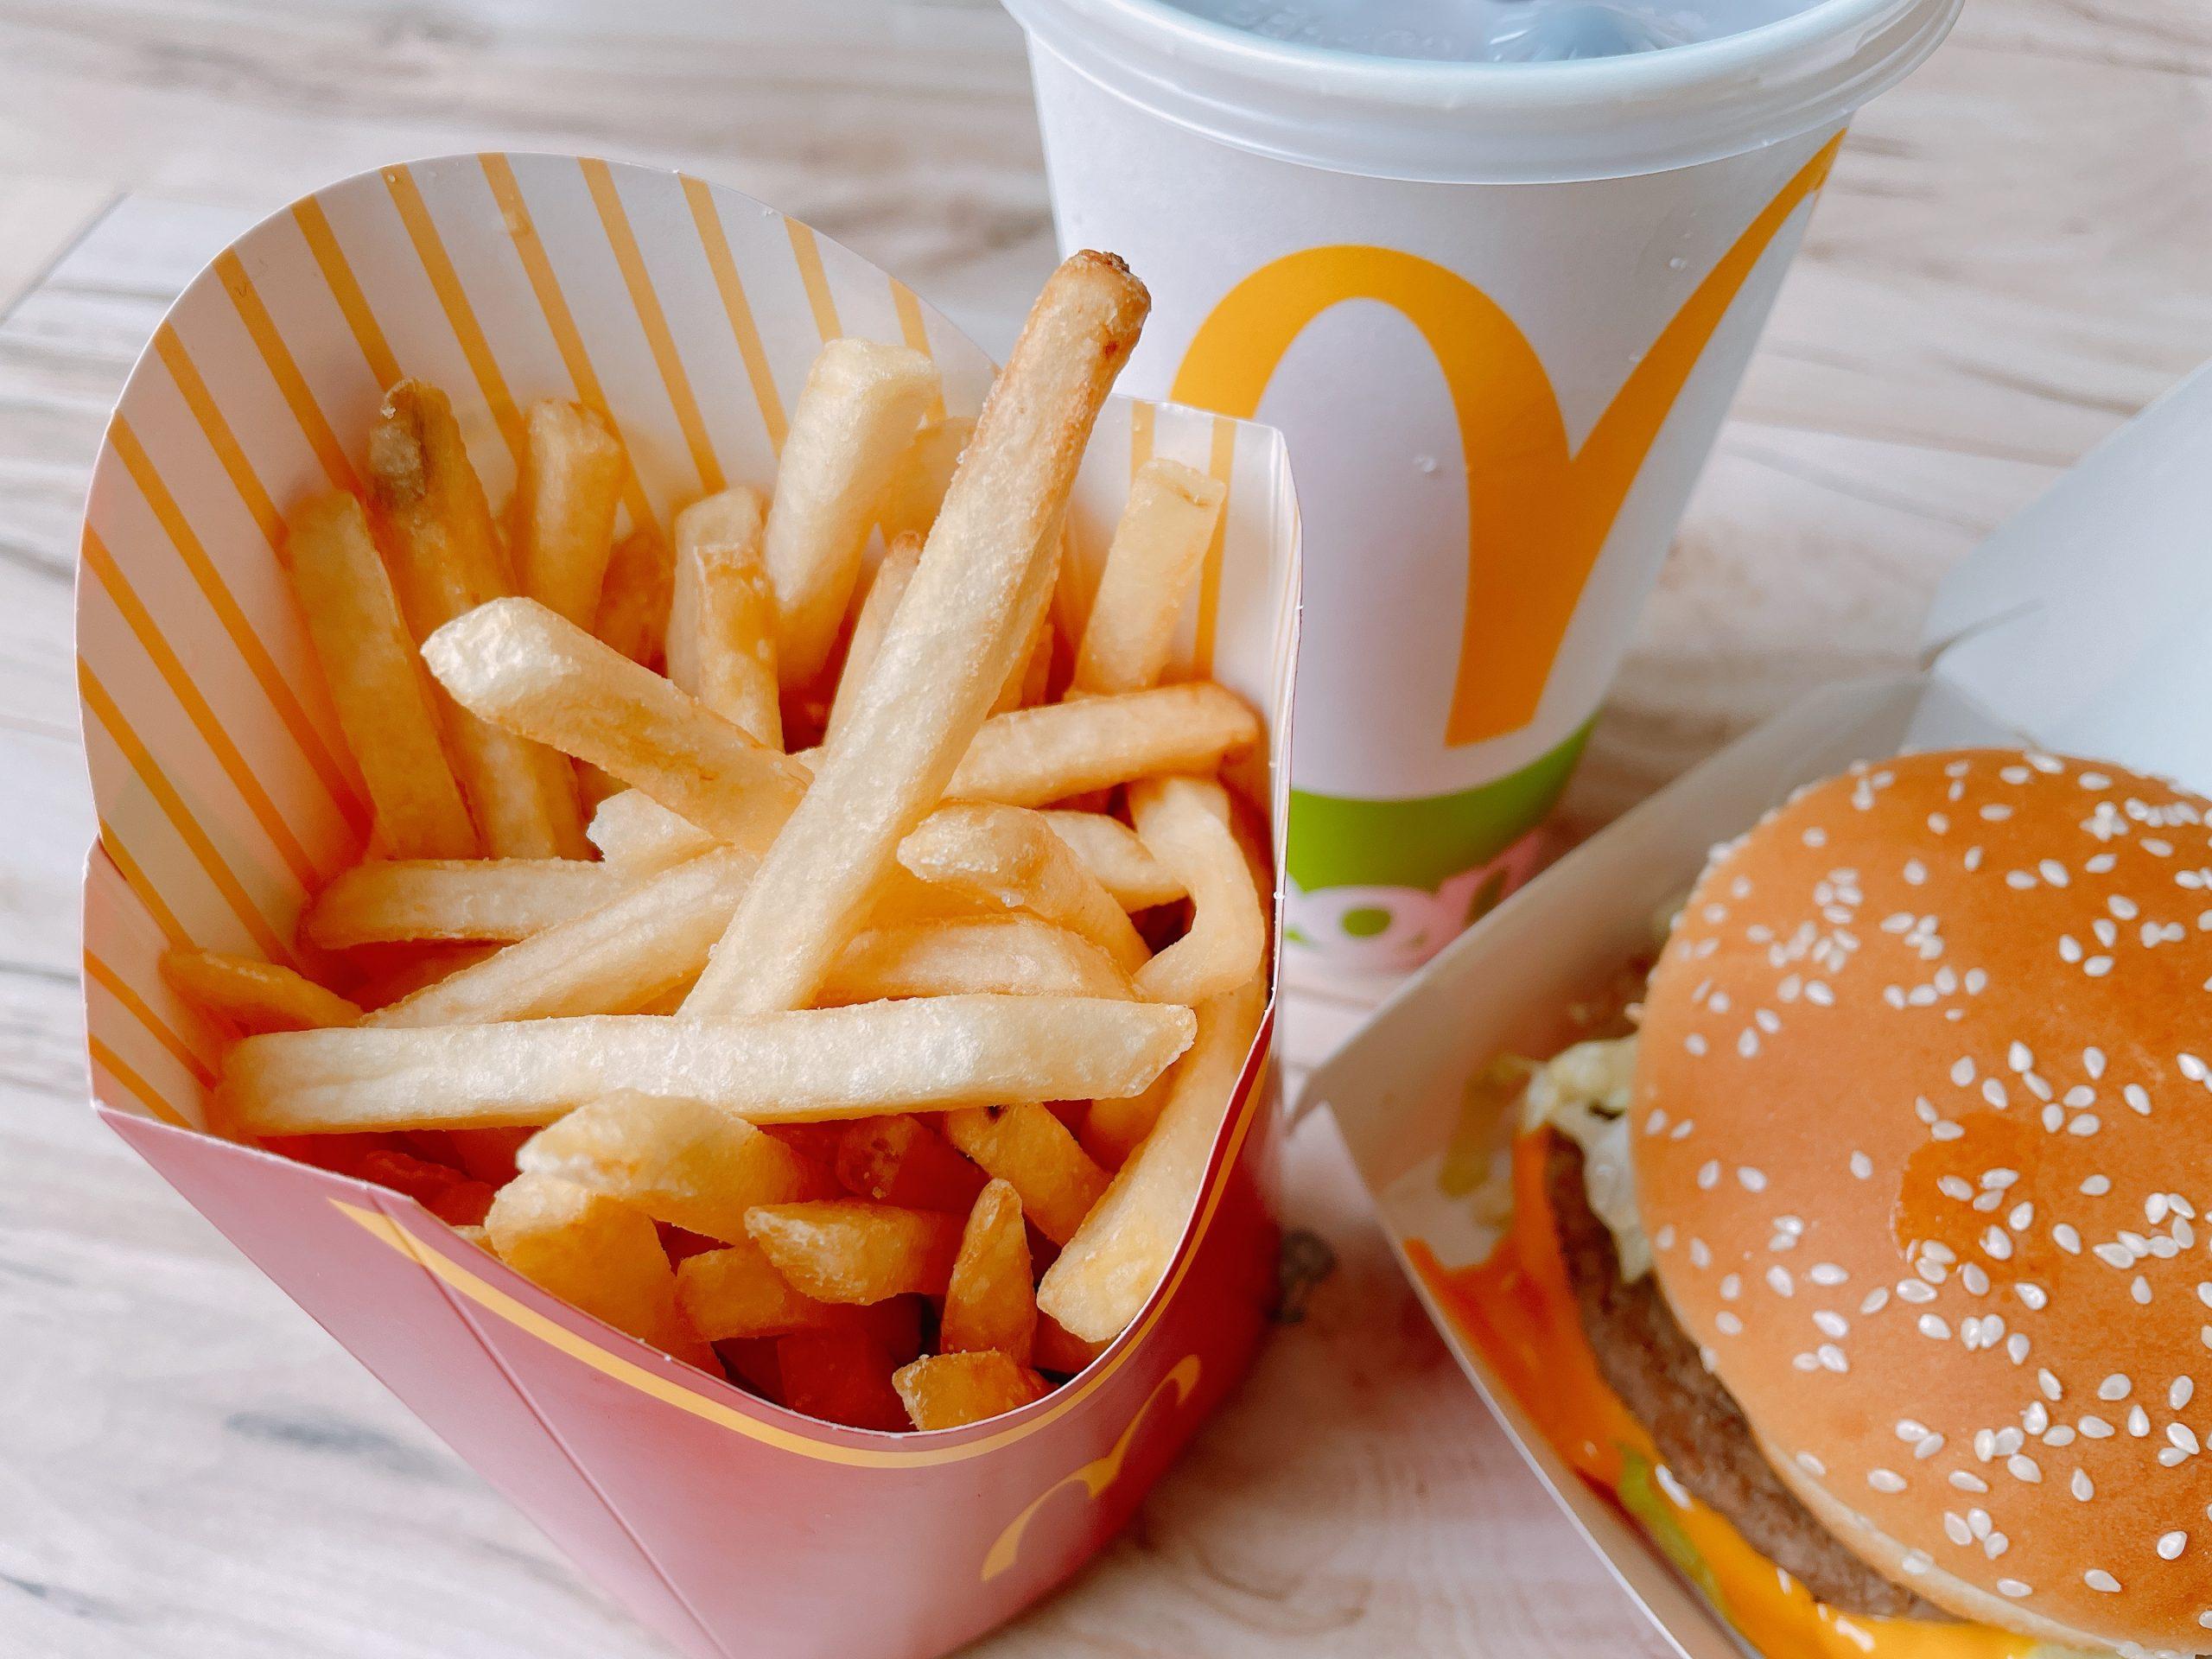 マクドナルドのビッグマックセットのポテト